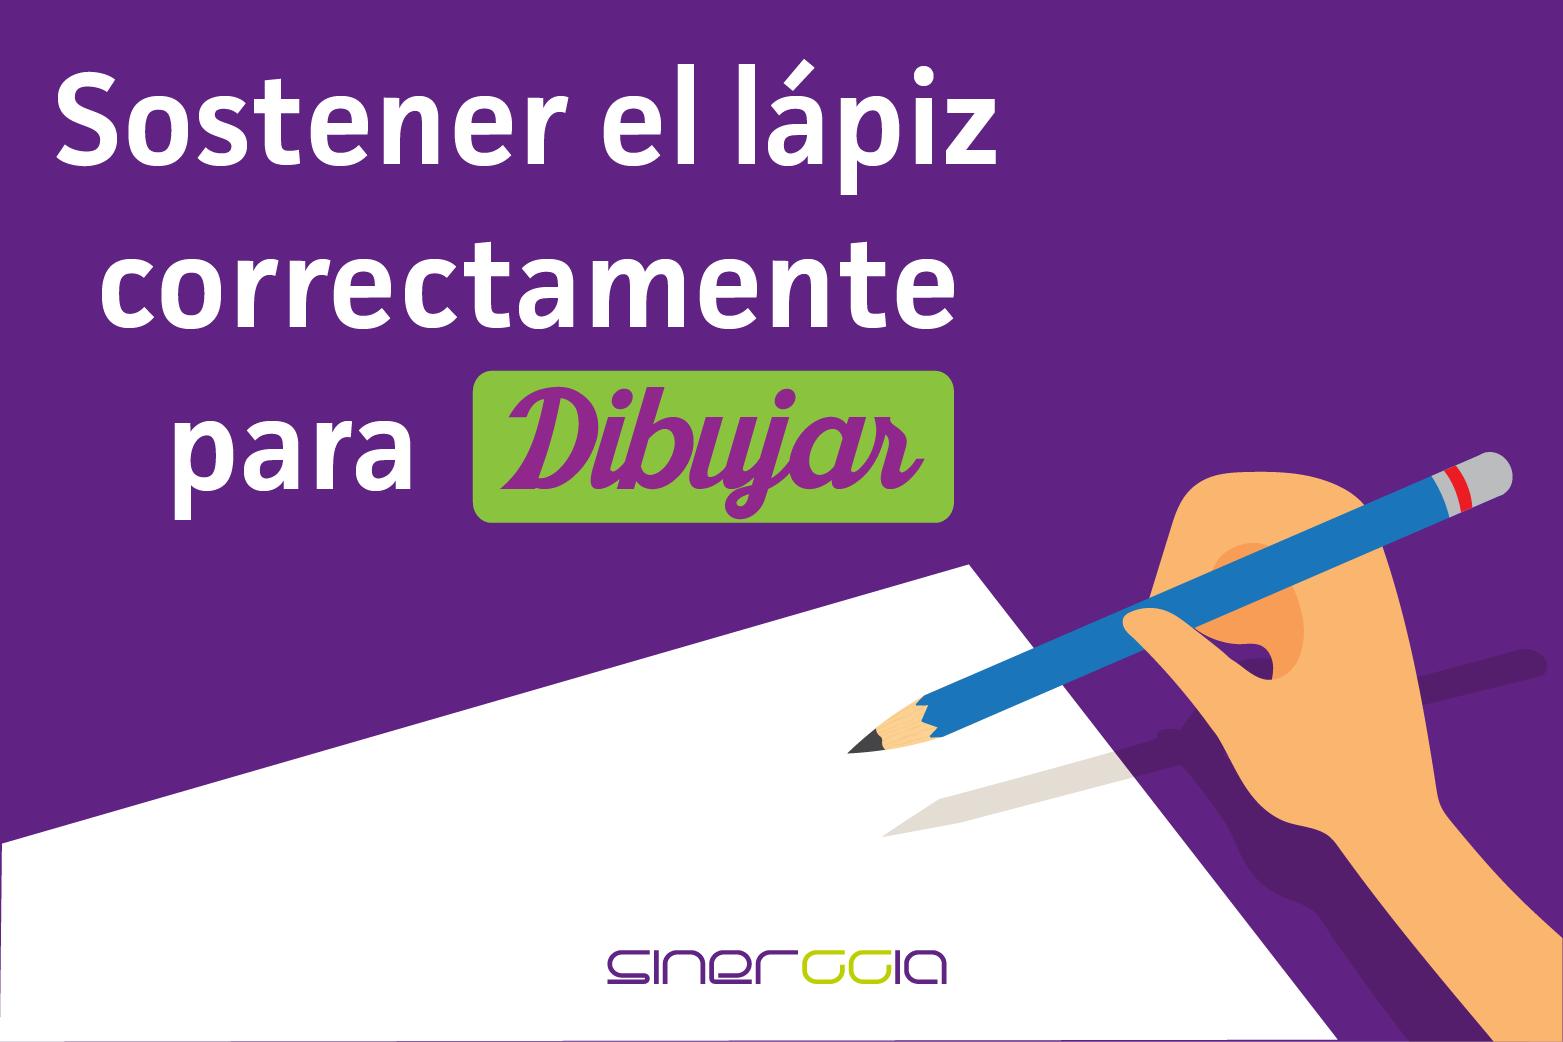 Sostener el lápiz correctamente para dibujar.